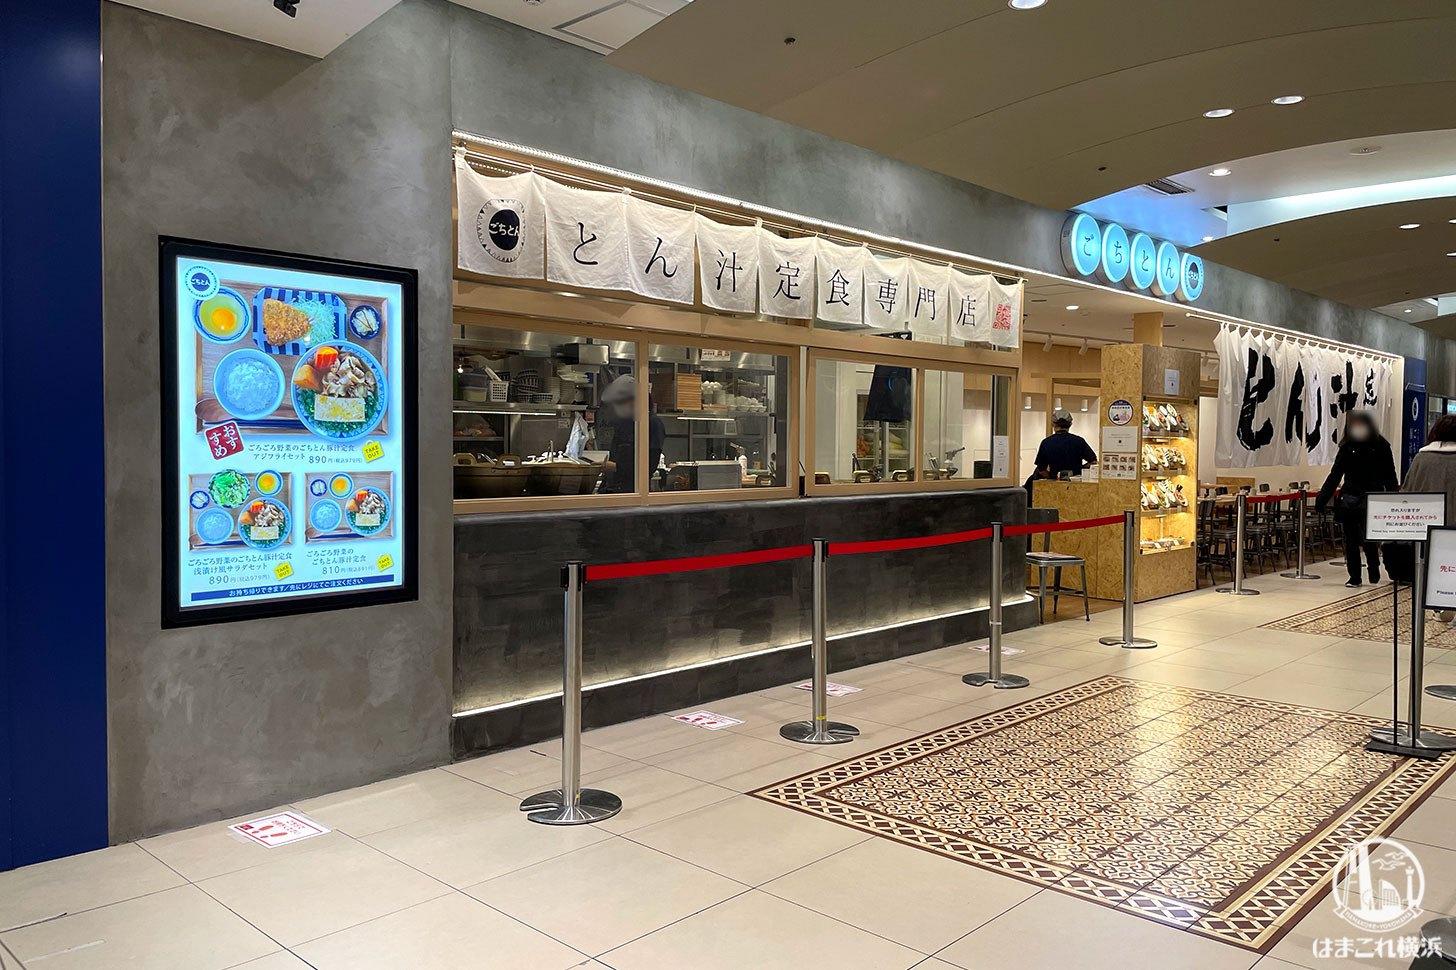 豚汁専門店「ごちとん」横浜ジョイナス店 外観